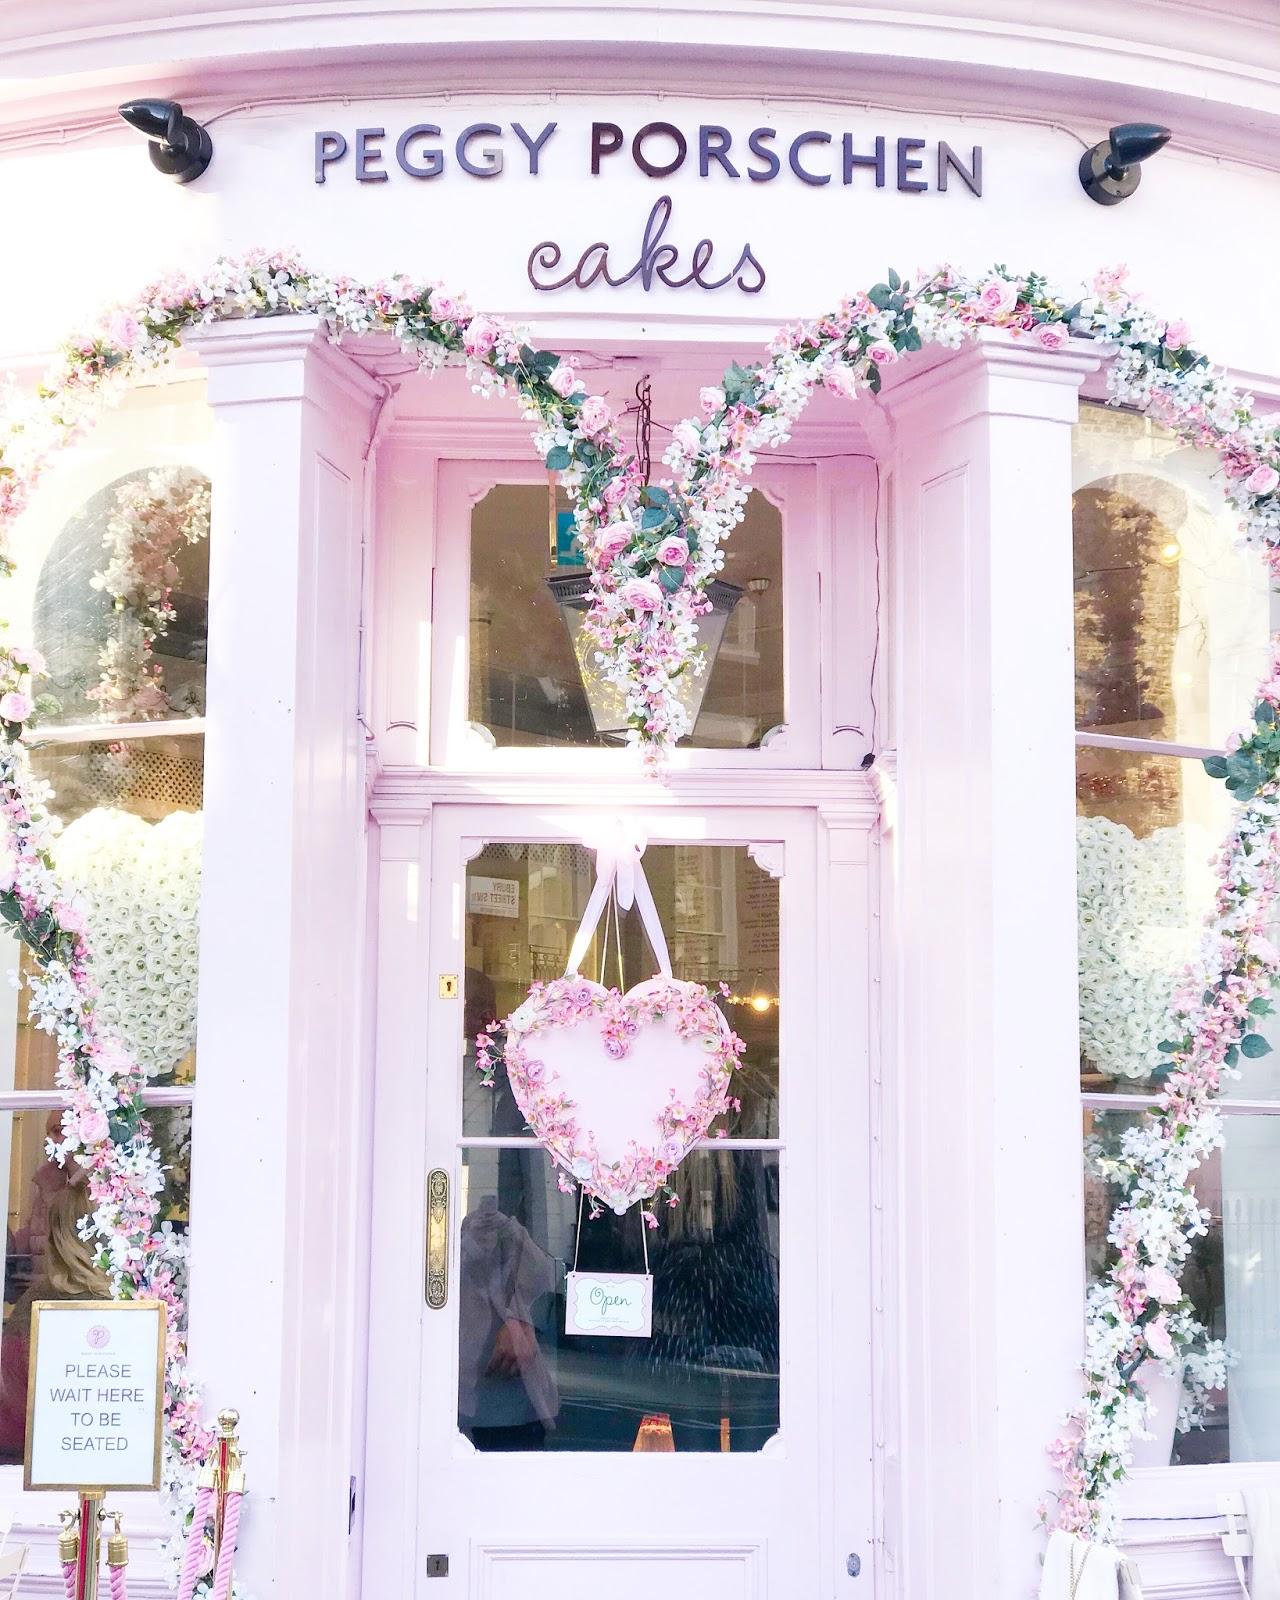 peggy porschen cakes shop